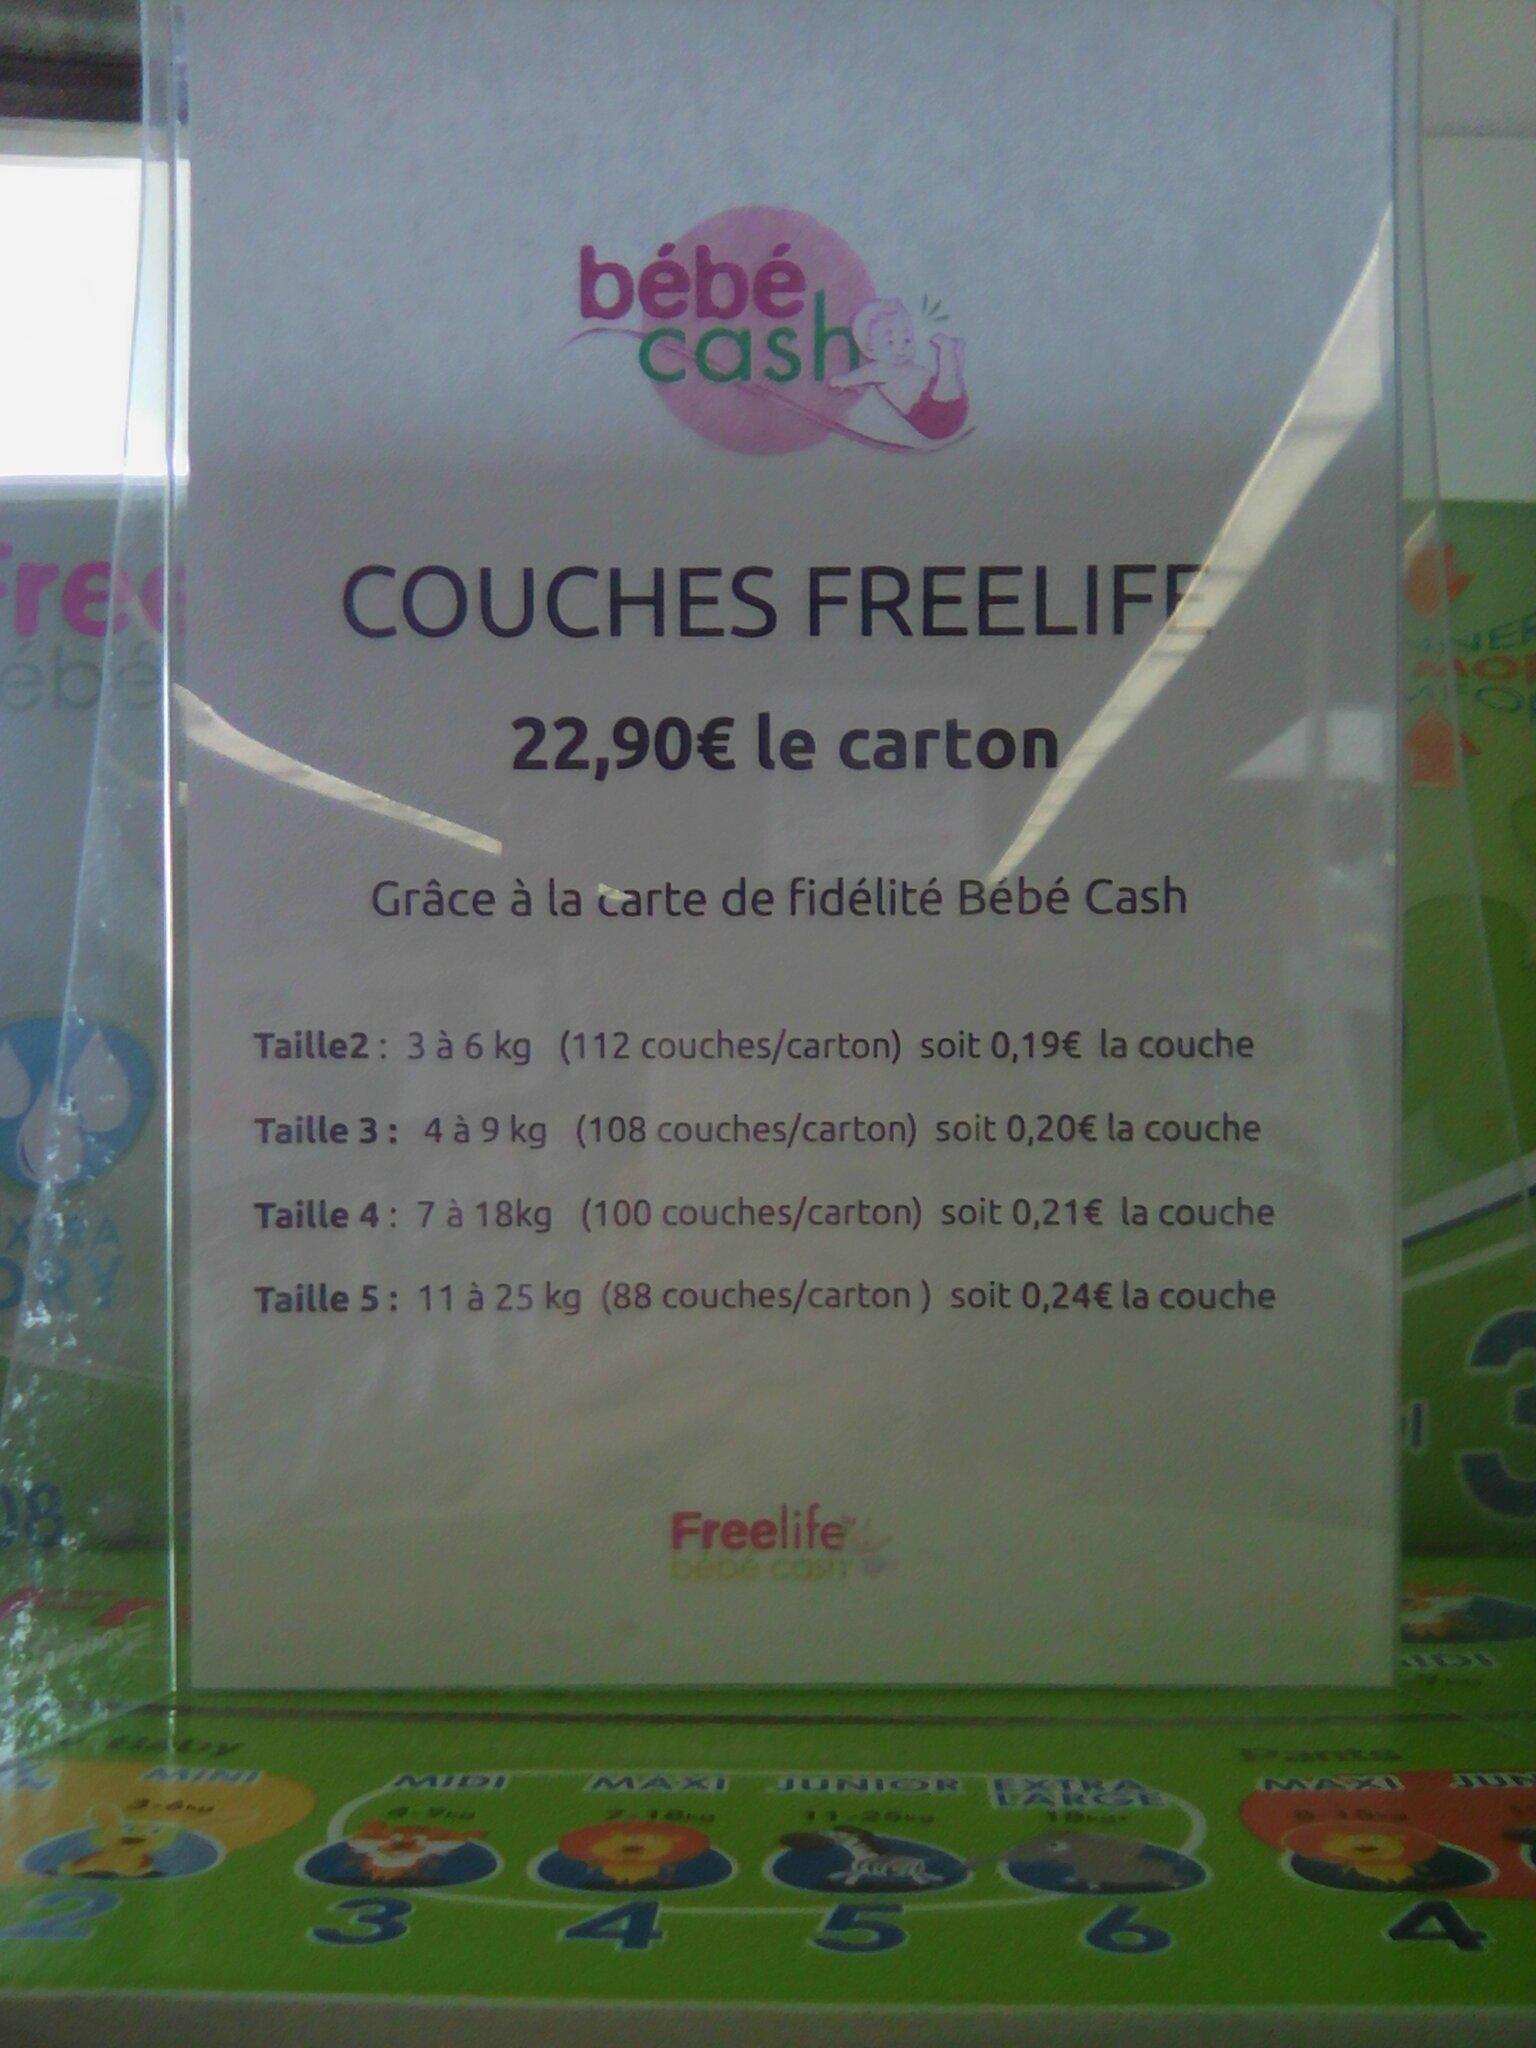 Les Couches Freelife De Autour De Bébébébé Cash Moi Petite Maman